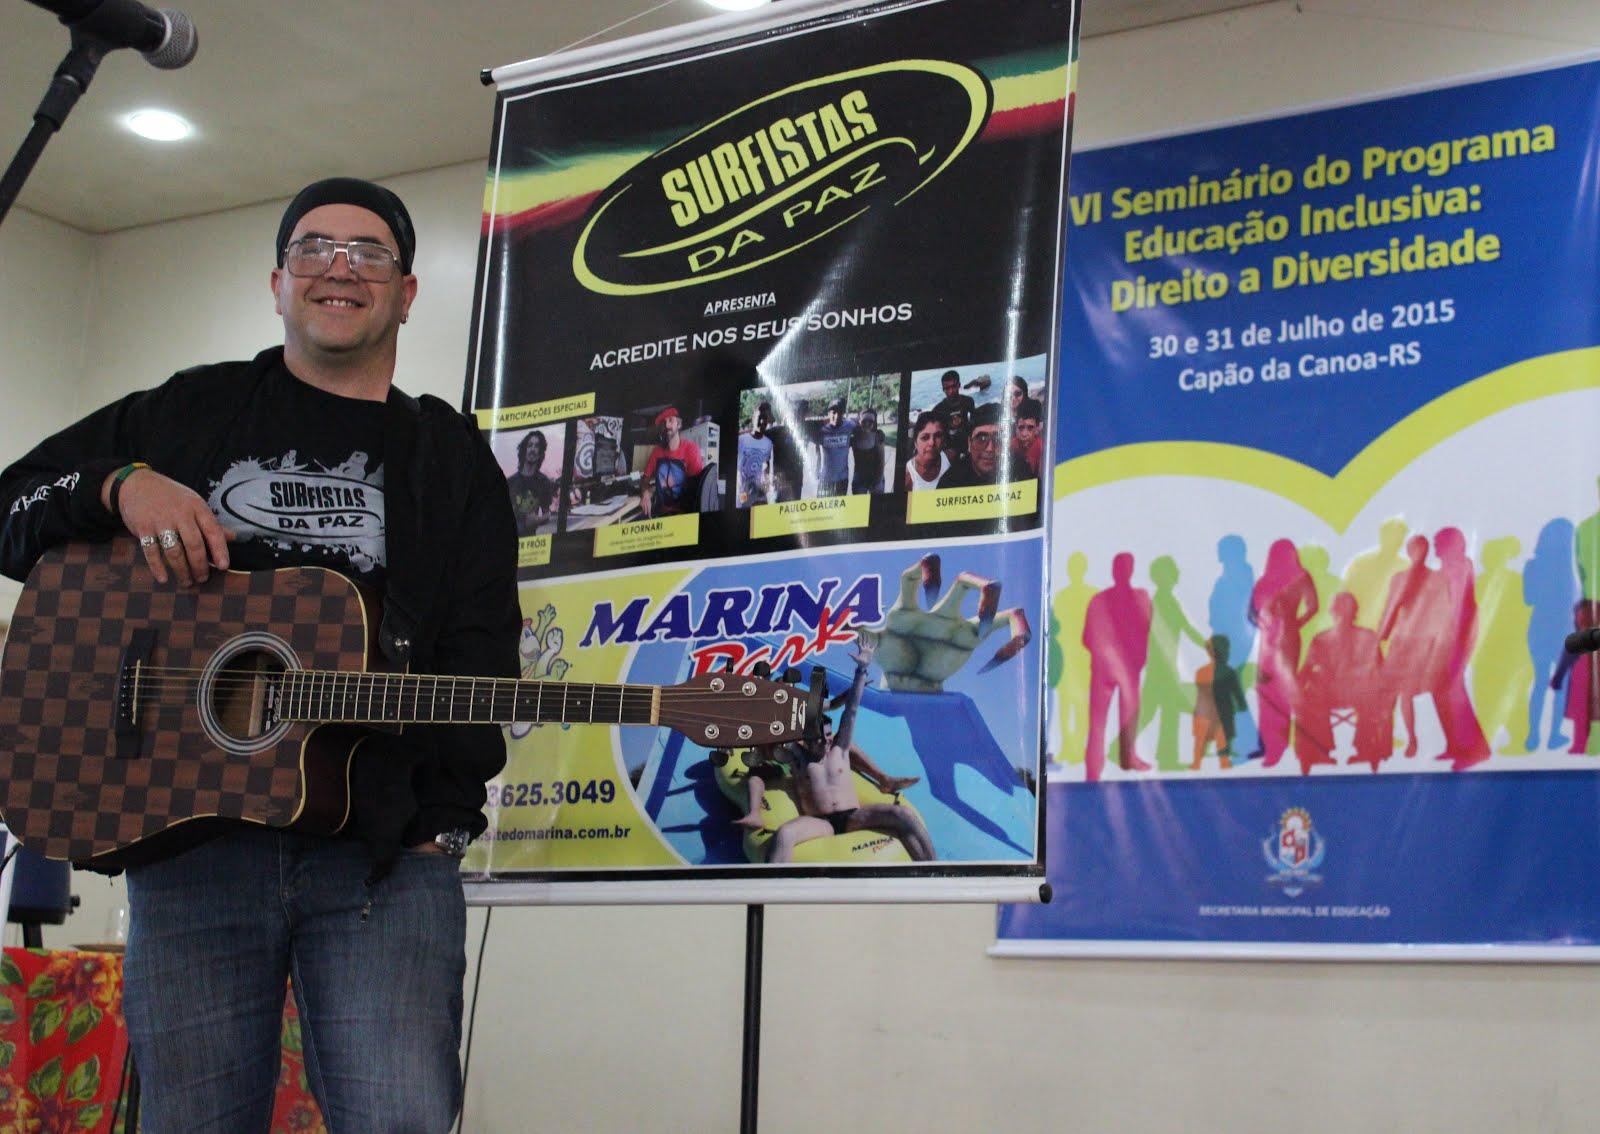 João Brother no VI Seminário do Programa Educação Inclusiva: Direito a Diversidade, em Capão.